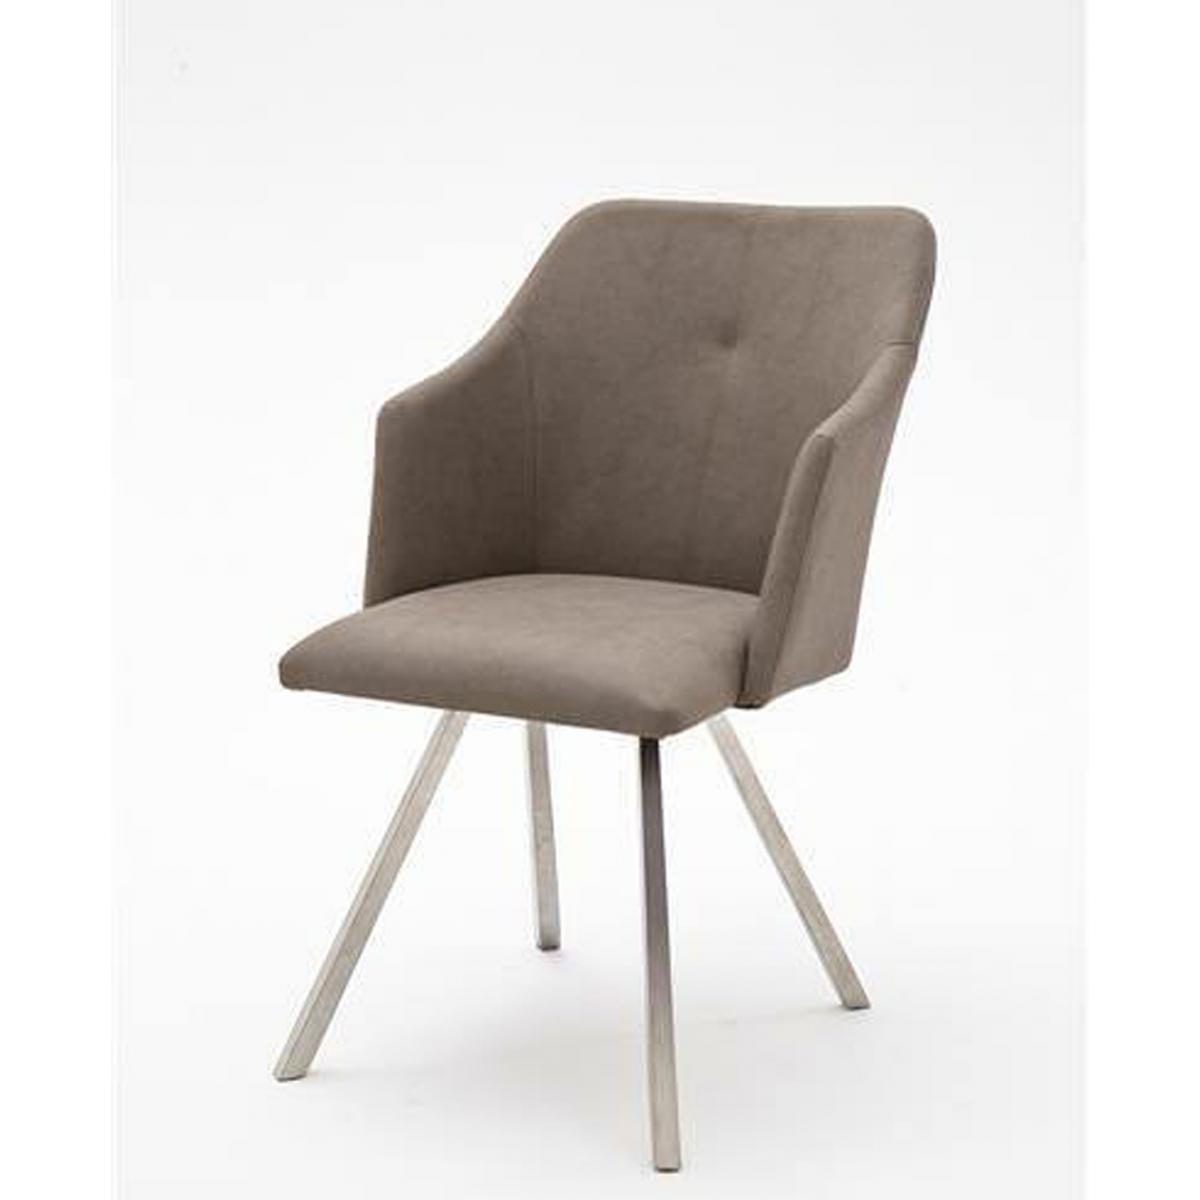 Pegane Lot de 2 chaises de salle à manger en acier / similicuir taupe - L.54 x H.88 x P.62 cm -PEGANE-